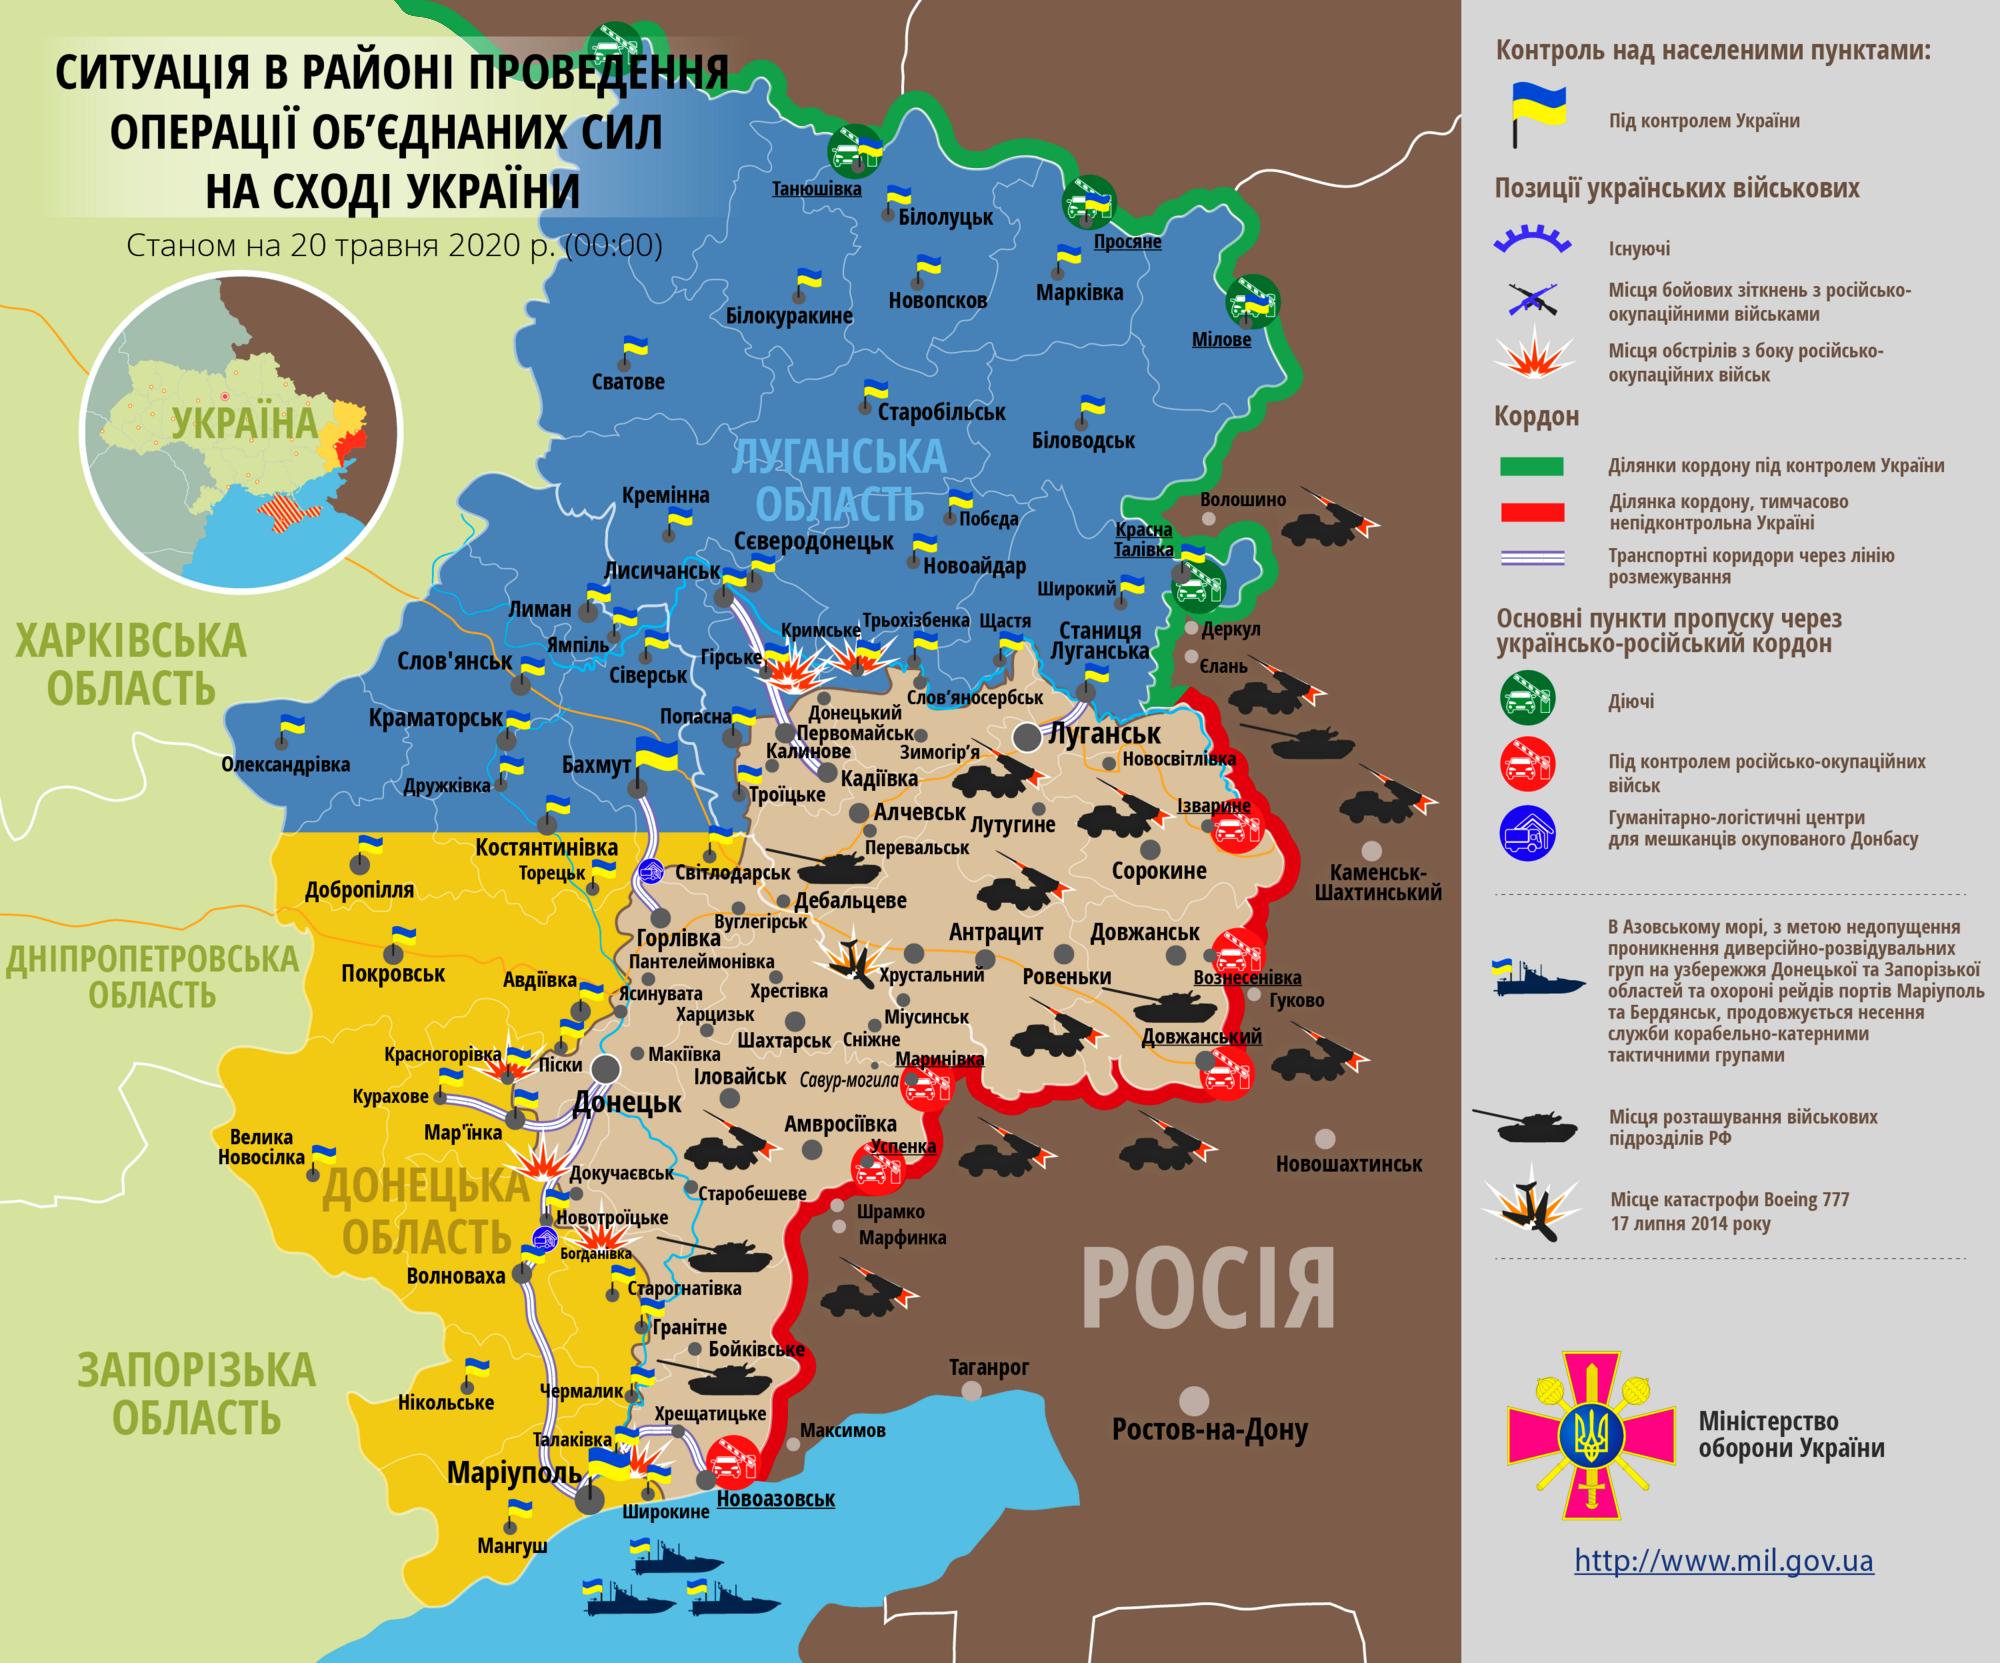 Ситуація в зоні проведення ООС на Донбасі 20 травня